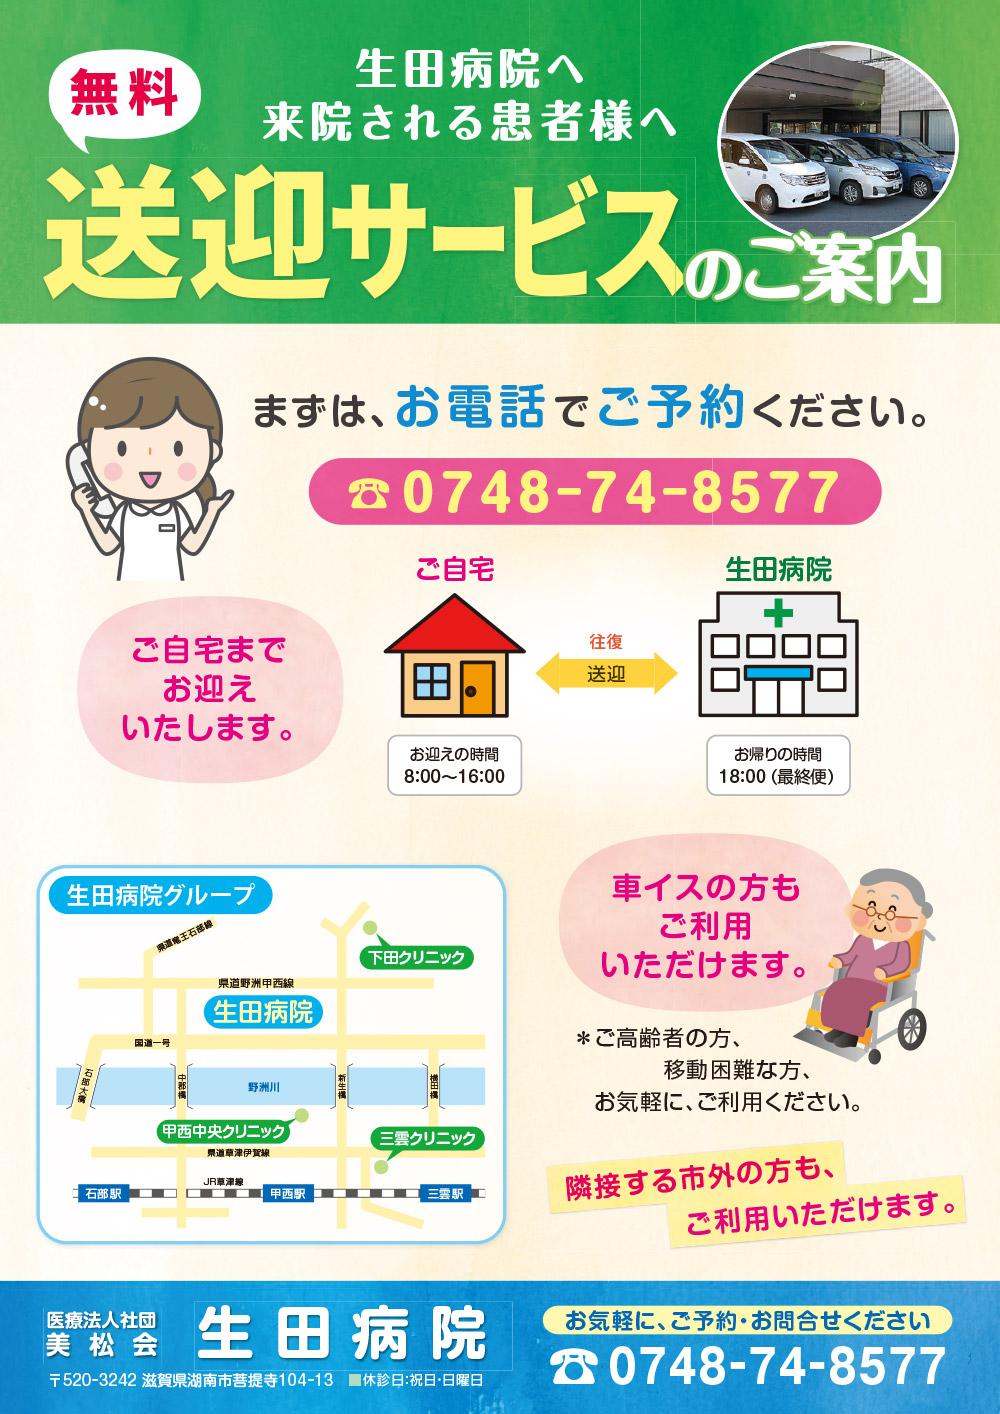 生田病院送迎サービスのご案内